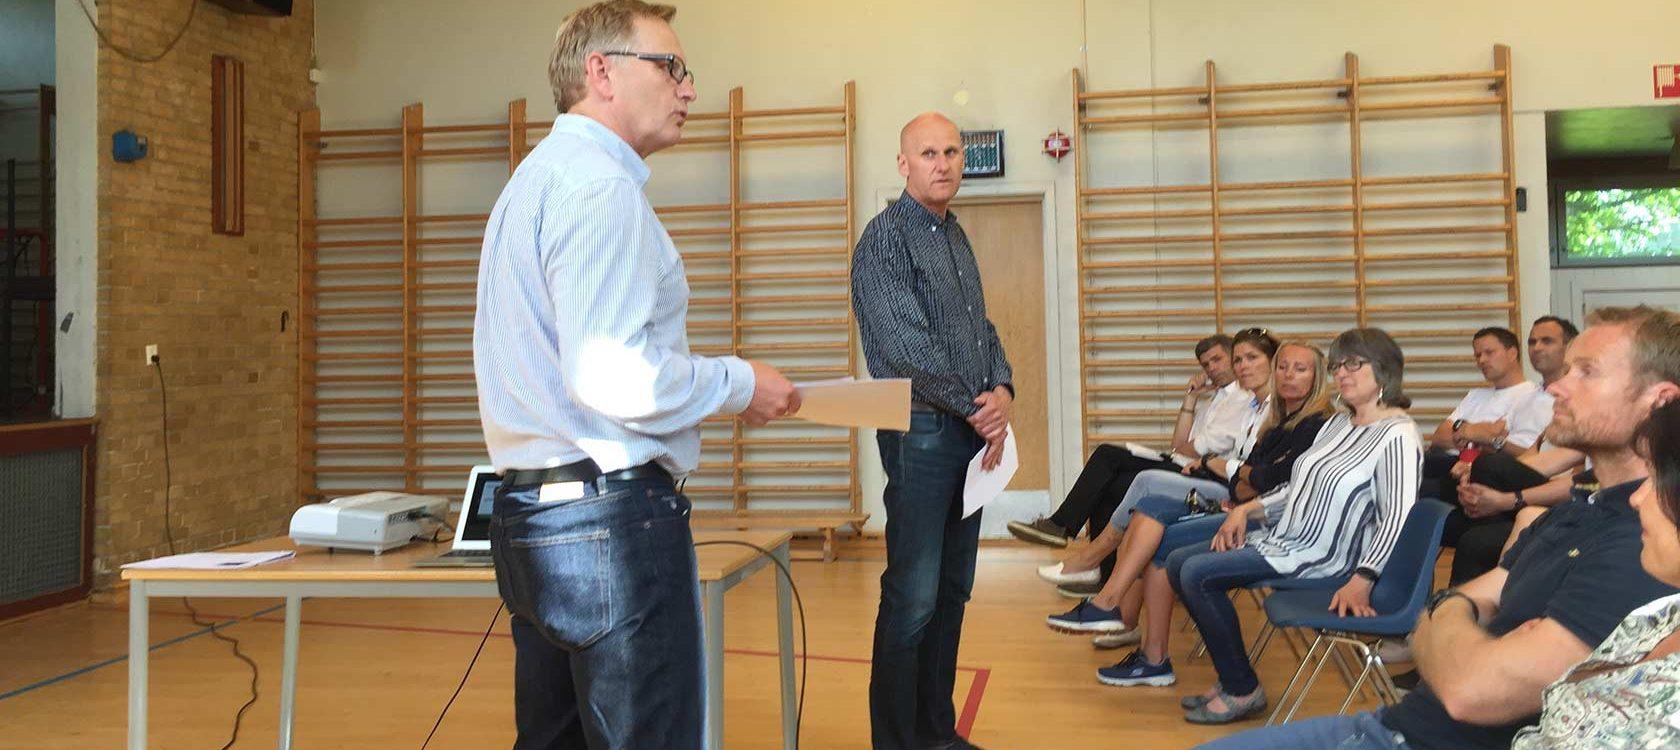 Rektor på Vestsiden ungdomsskole Baard Olsen (t.v.) og produksjonssjef Brynjar Henriksen under informasjonsmøtet i gymsalen på skolen.